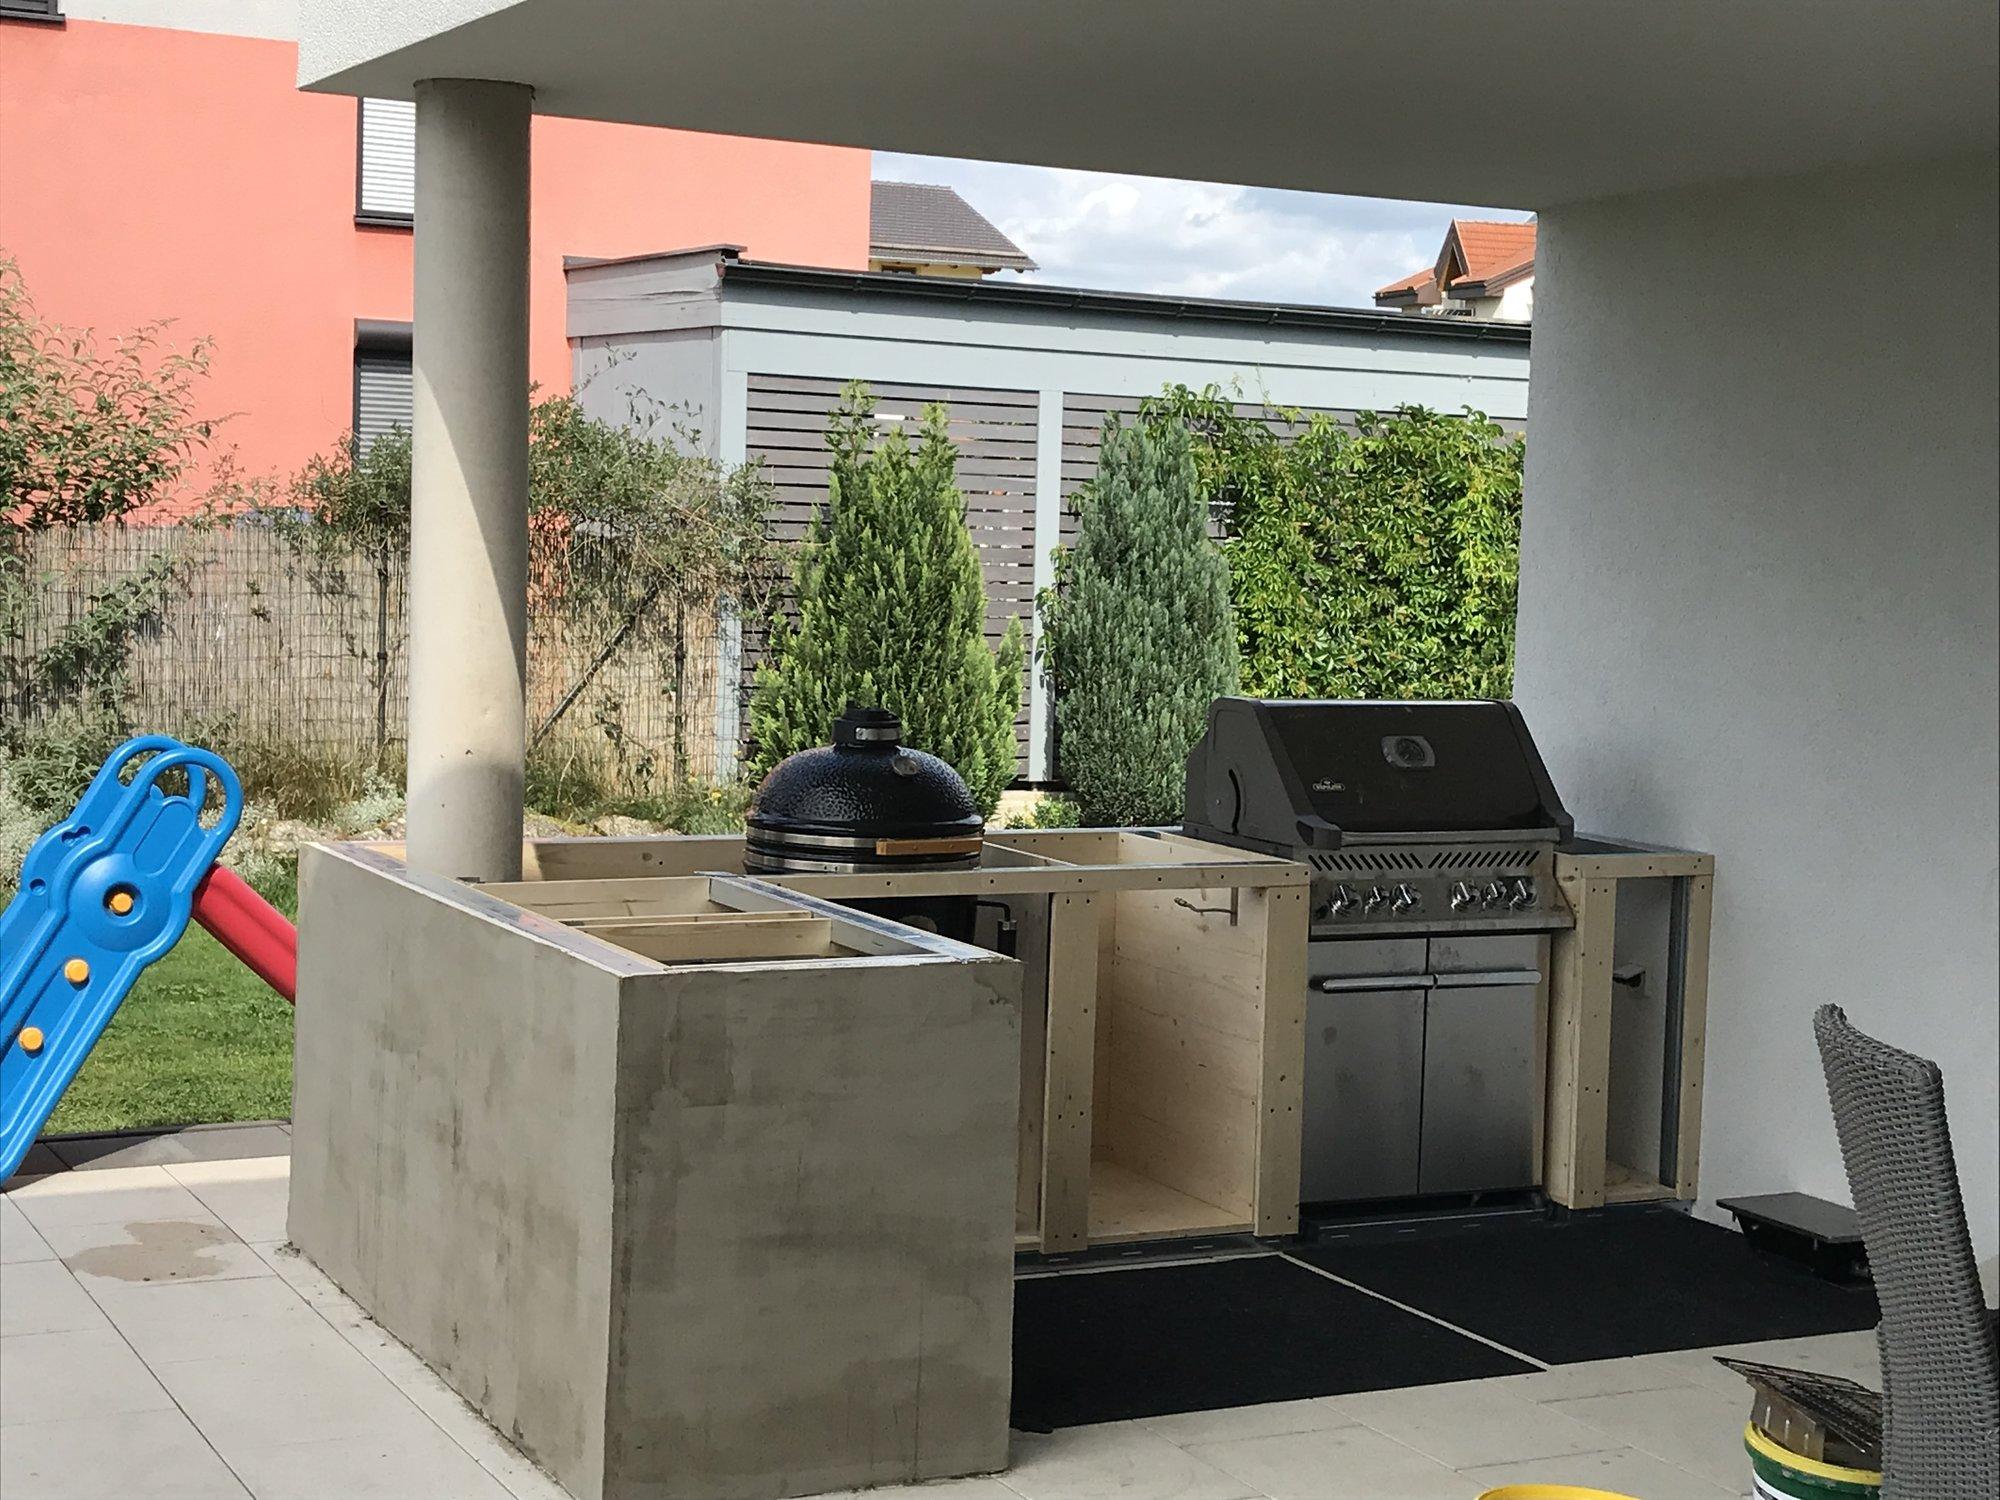 Outdoor Küche Grillsportverein : Outdoorküche eigenbau grillforum und bbq grillsportverein